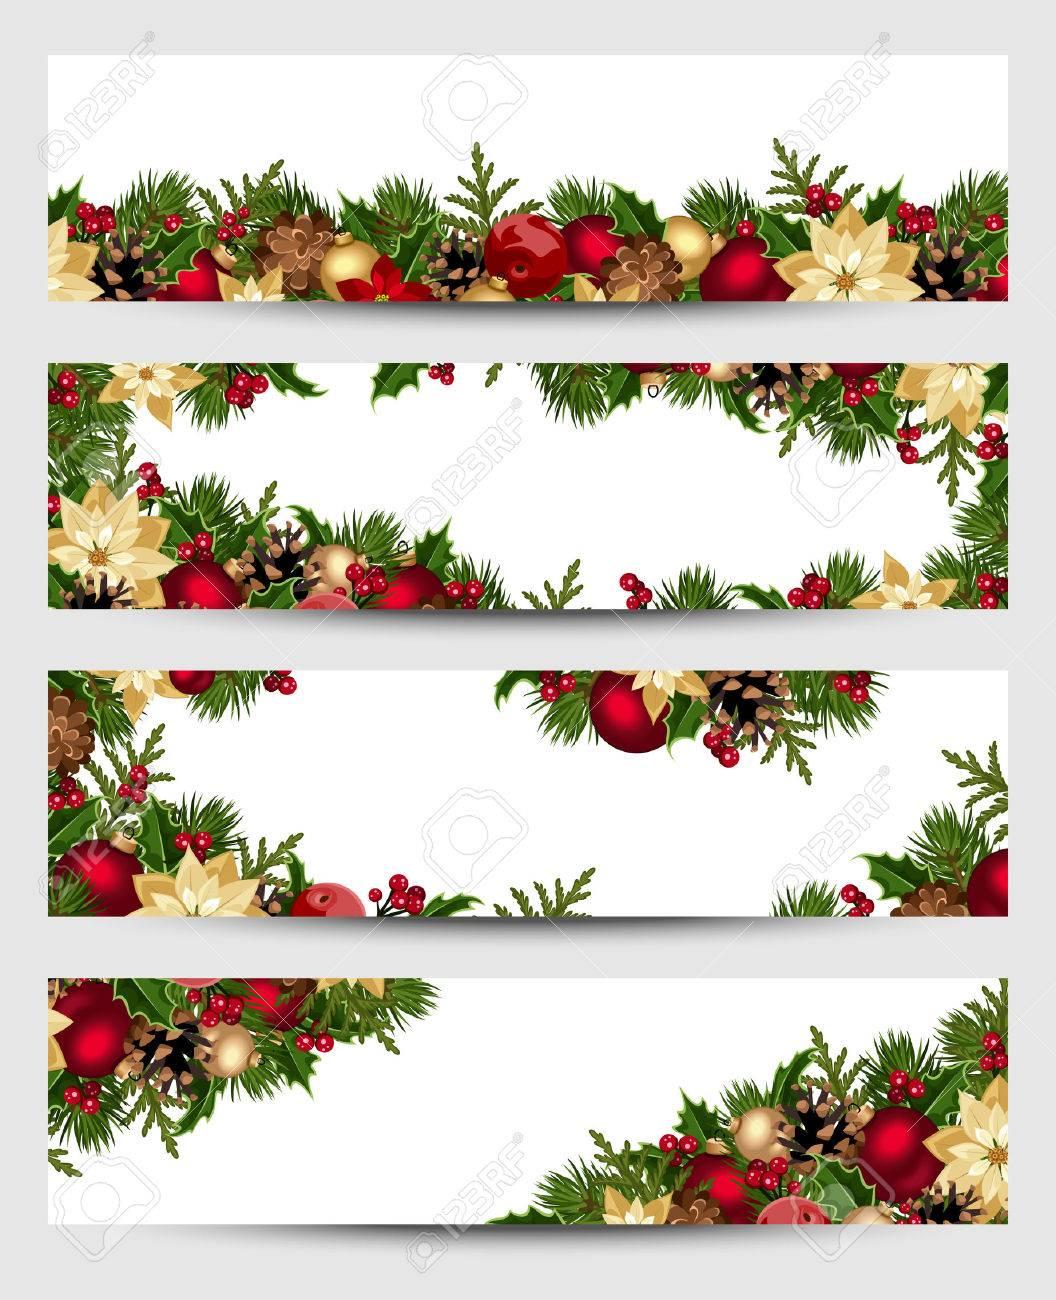 Christmas banners. Vector eps-10. - 33886294